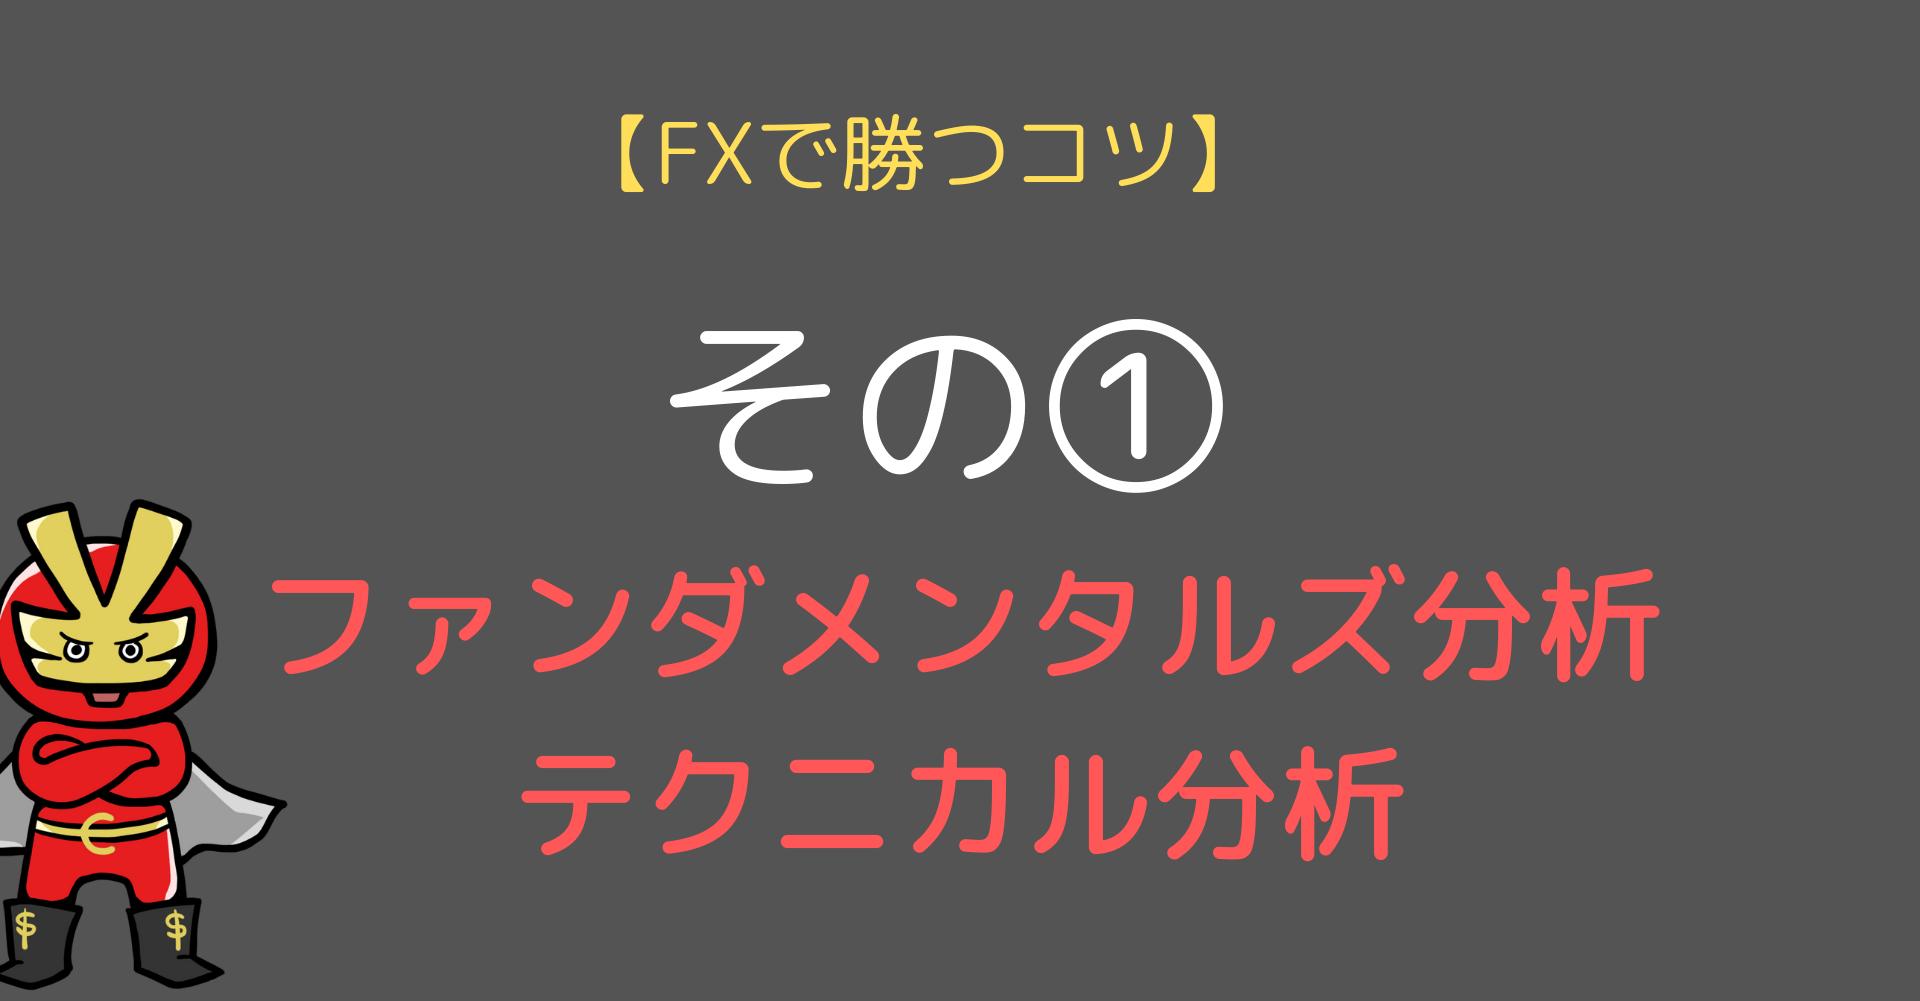 ファンダメンタルズ分析・テクニカル分析